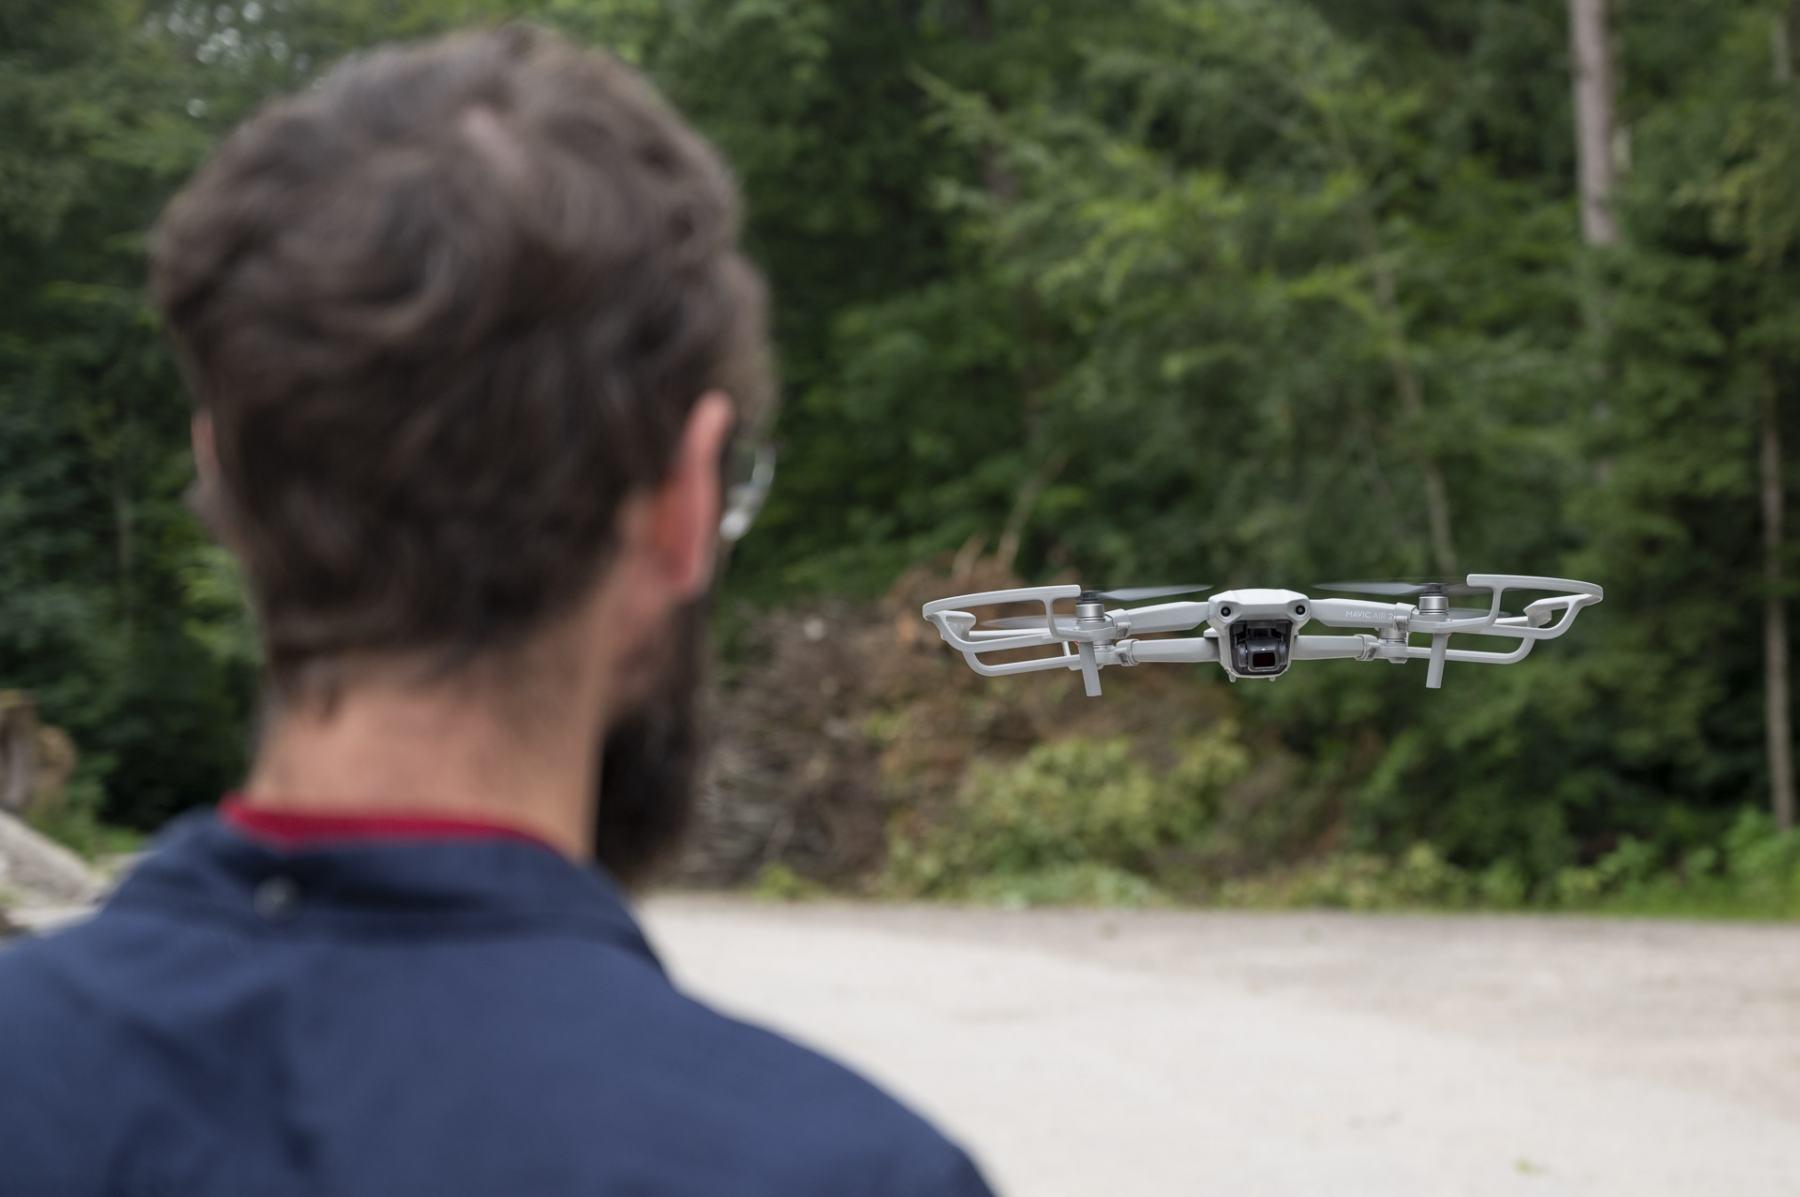 Drohne_Traunstein_Stadler_Fotografie_Luftaufnahme_Drohnen008